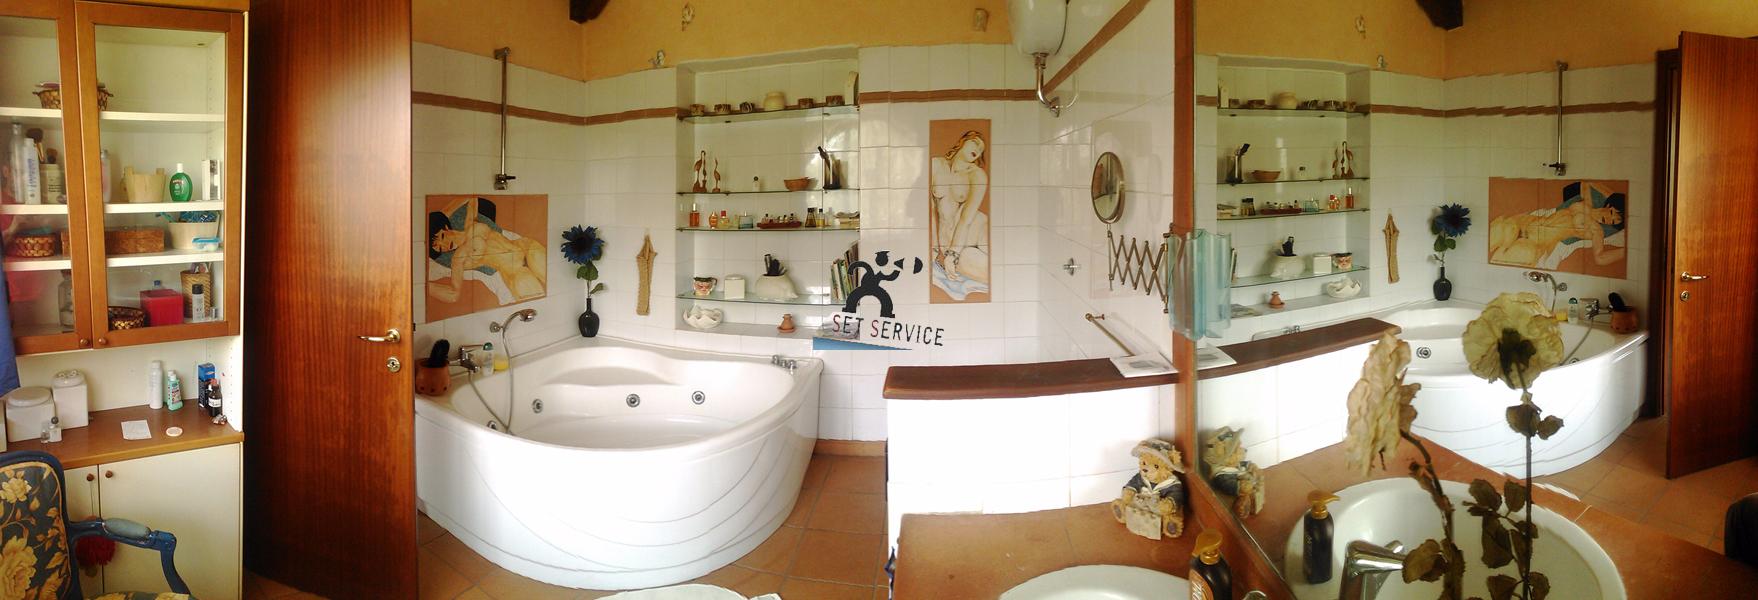 bagno panoramica 001